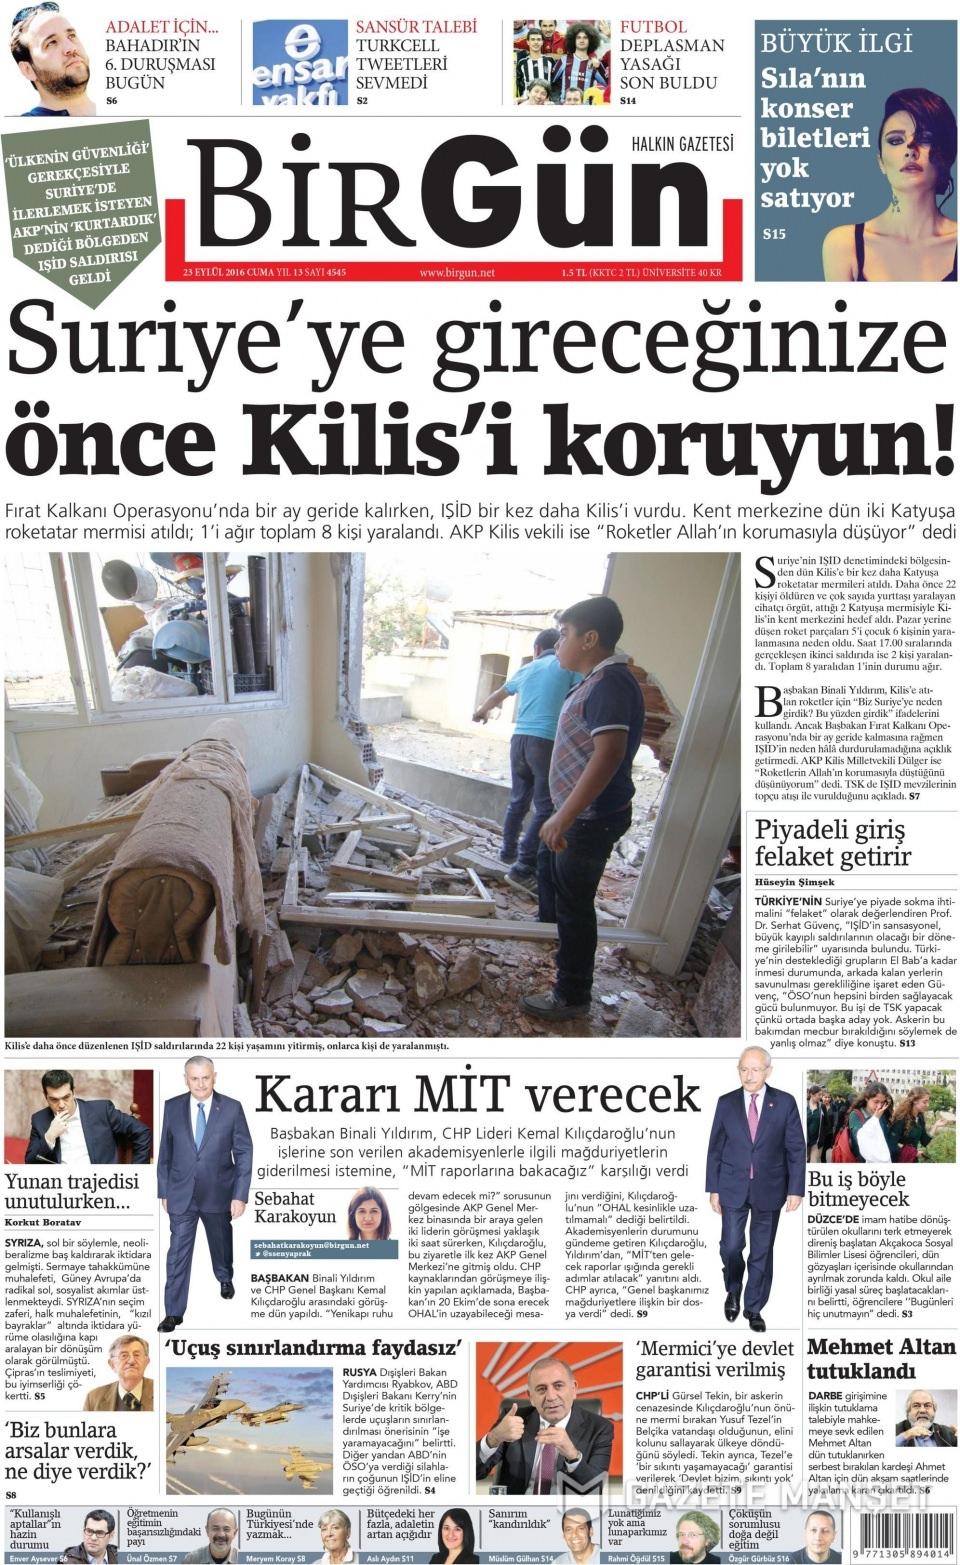 23 Eylül Cuma gazete manşetleri 27